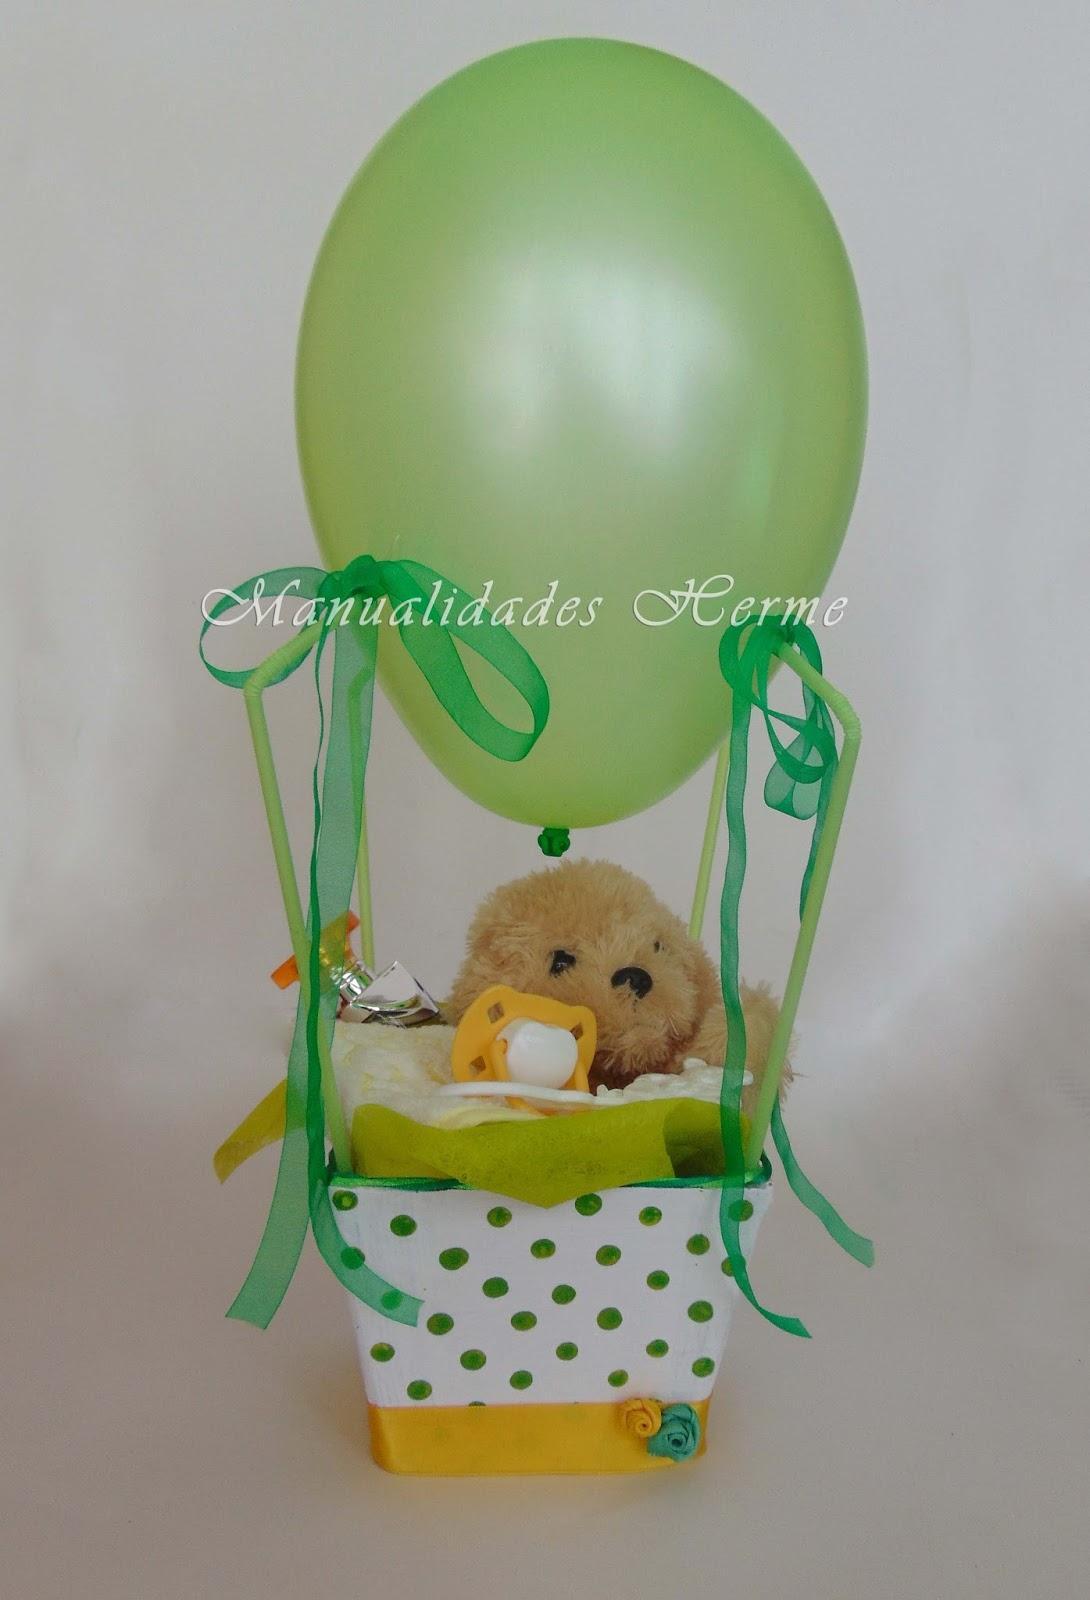 Diy globo para regalo baby shower aprender manualidades for Facilisimo com manualidades